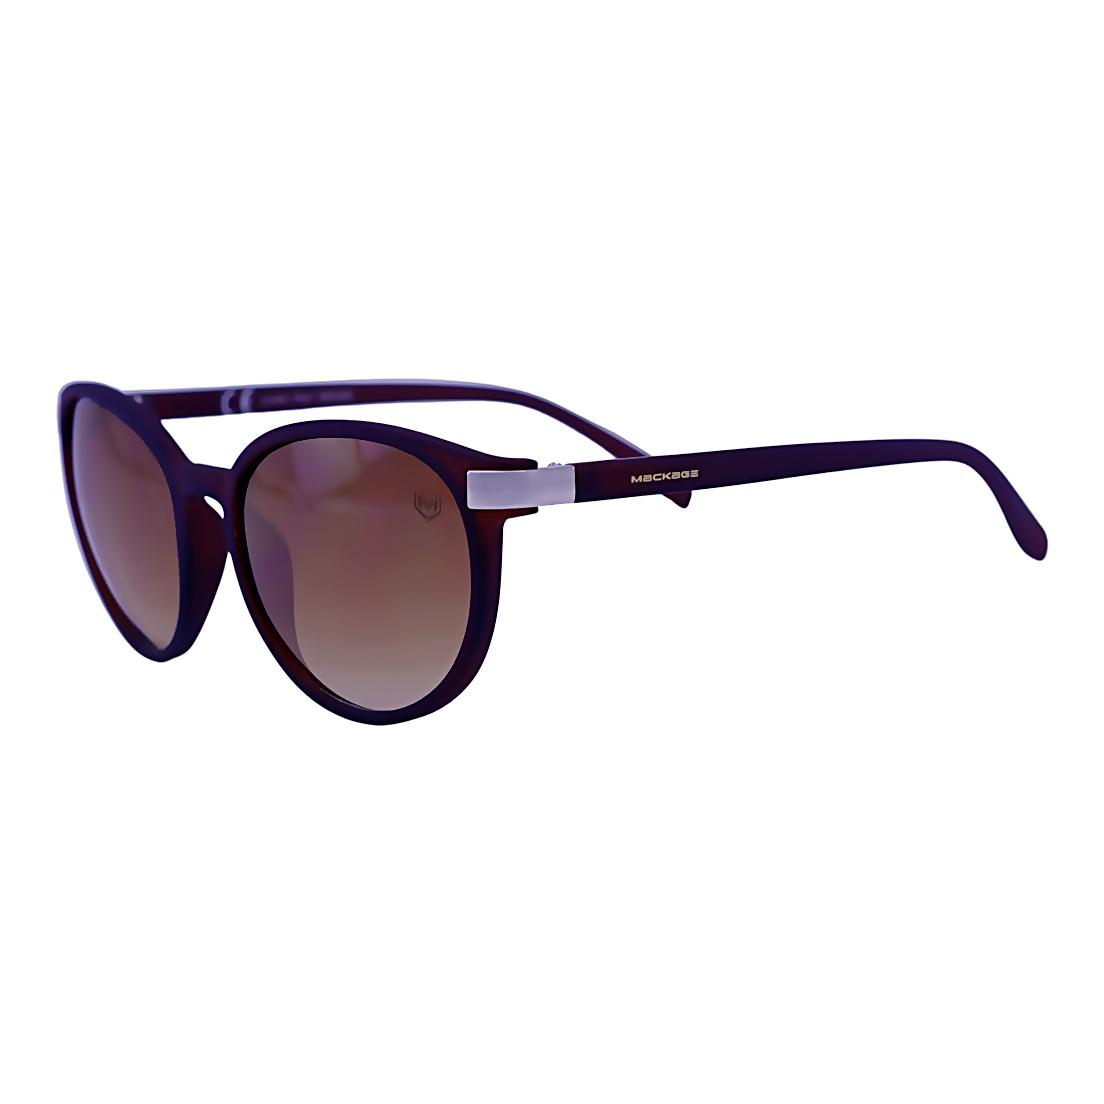 Óculos De Sol Mackage Unissex Acetato Redondo - Marrom